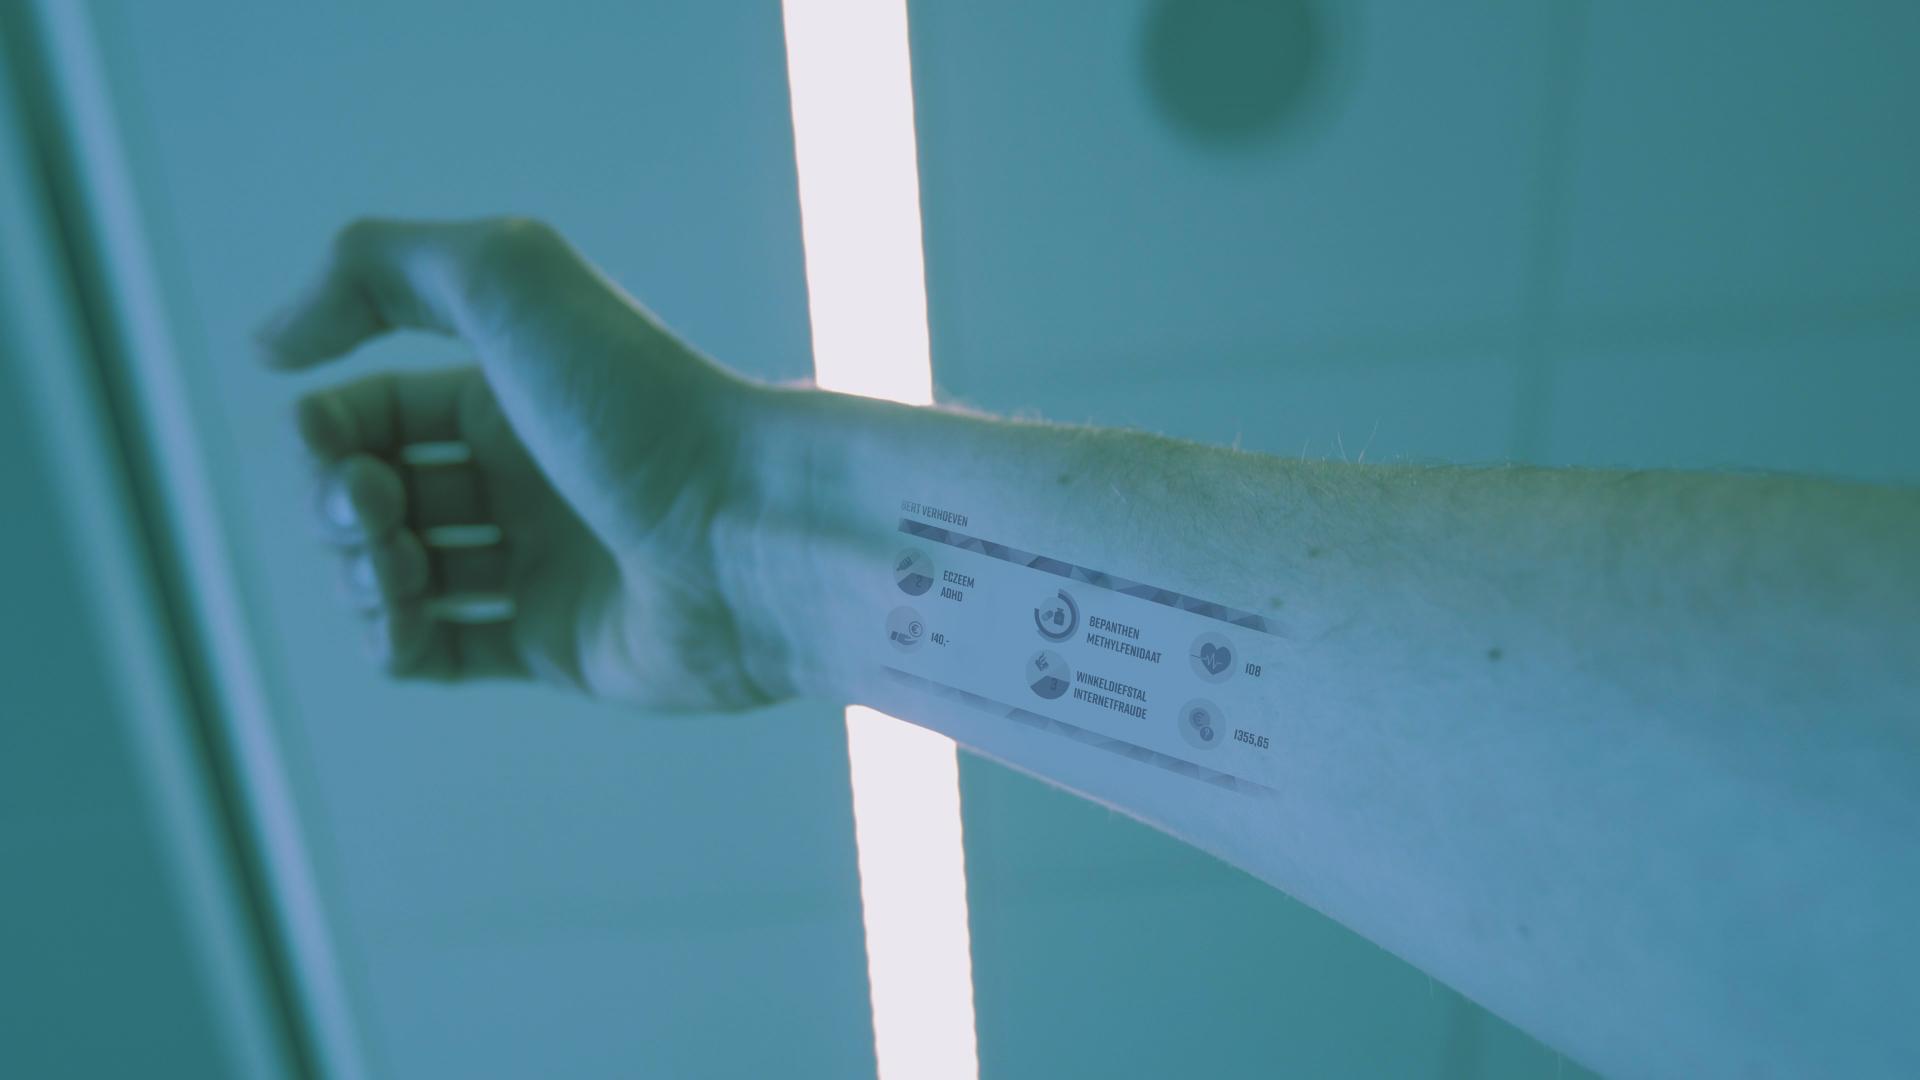 Technologische Ontwikkelingen Koelkasten : Selutas u2013 matthijs peters